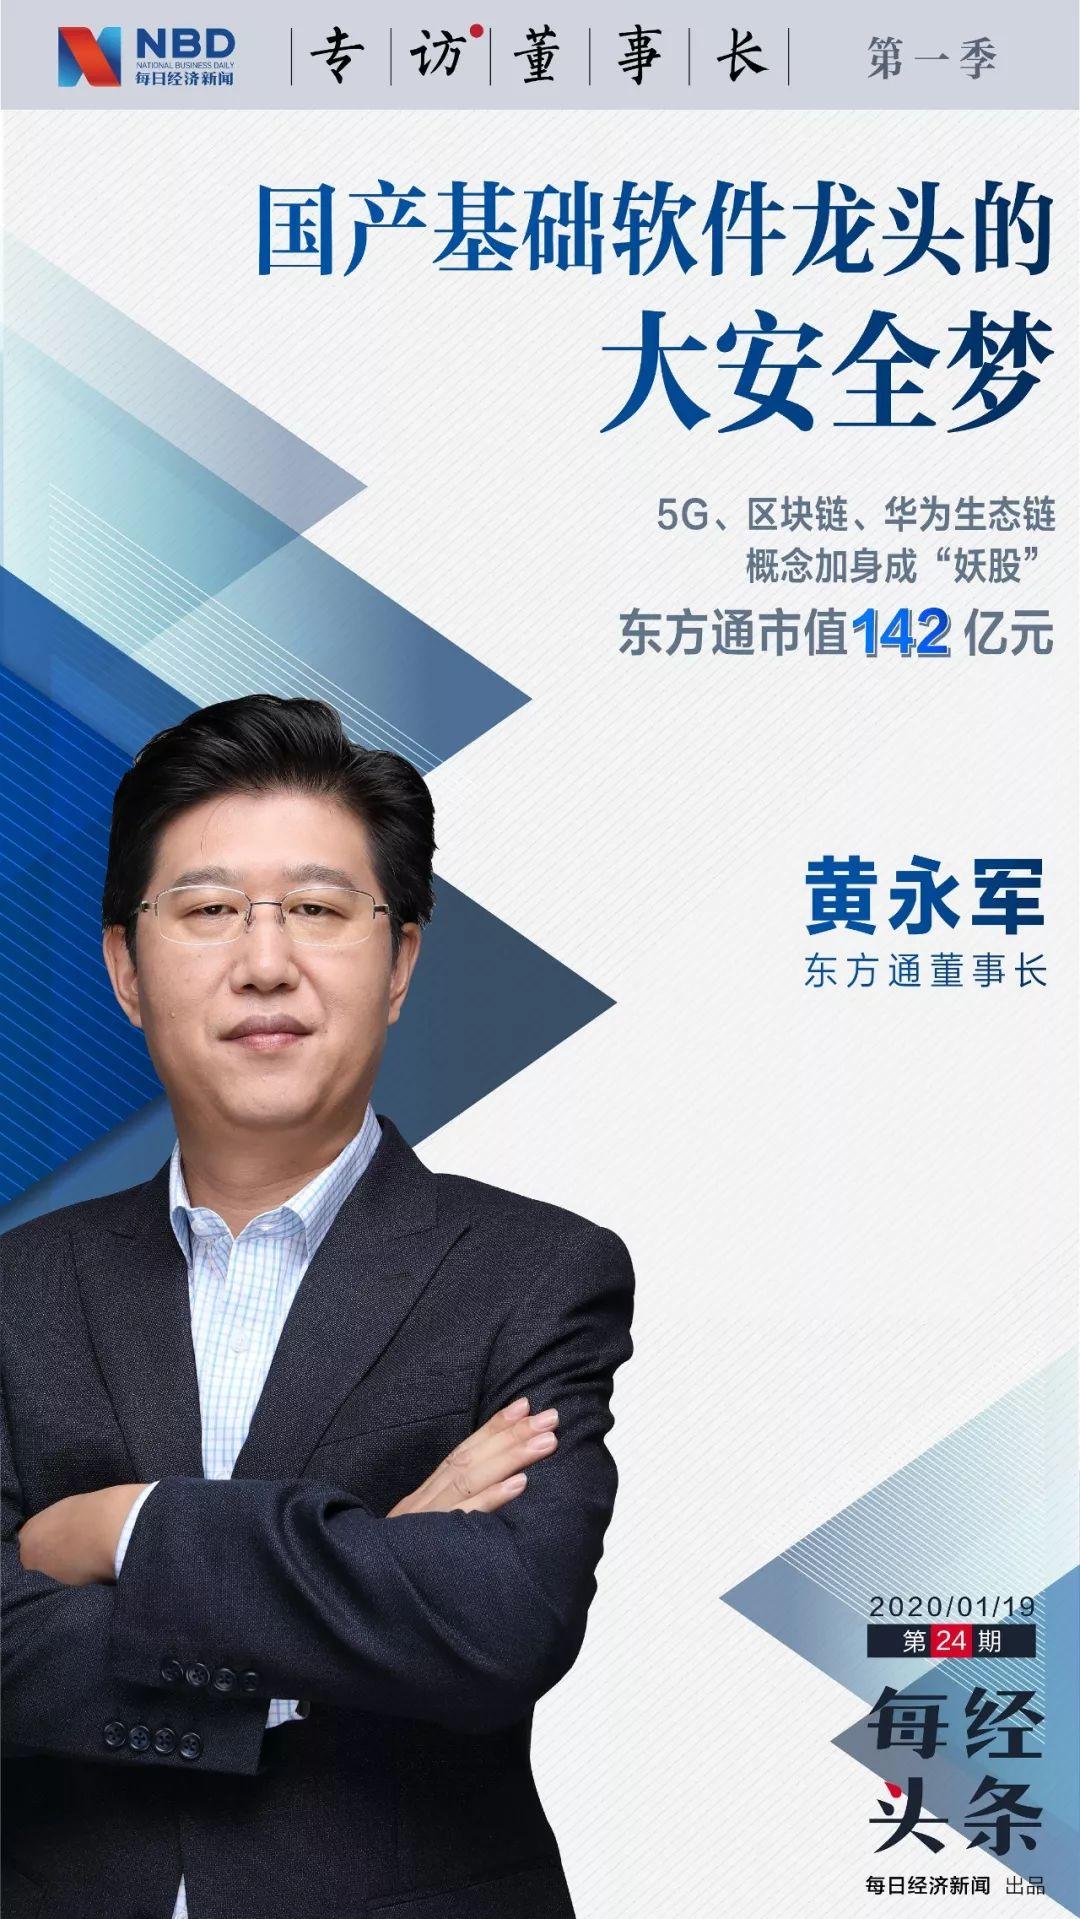 华为+5G+区块链概念炼成妖股?东方通黄永军:没炒概念